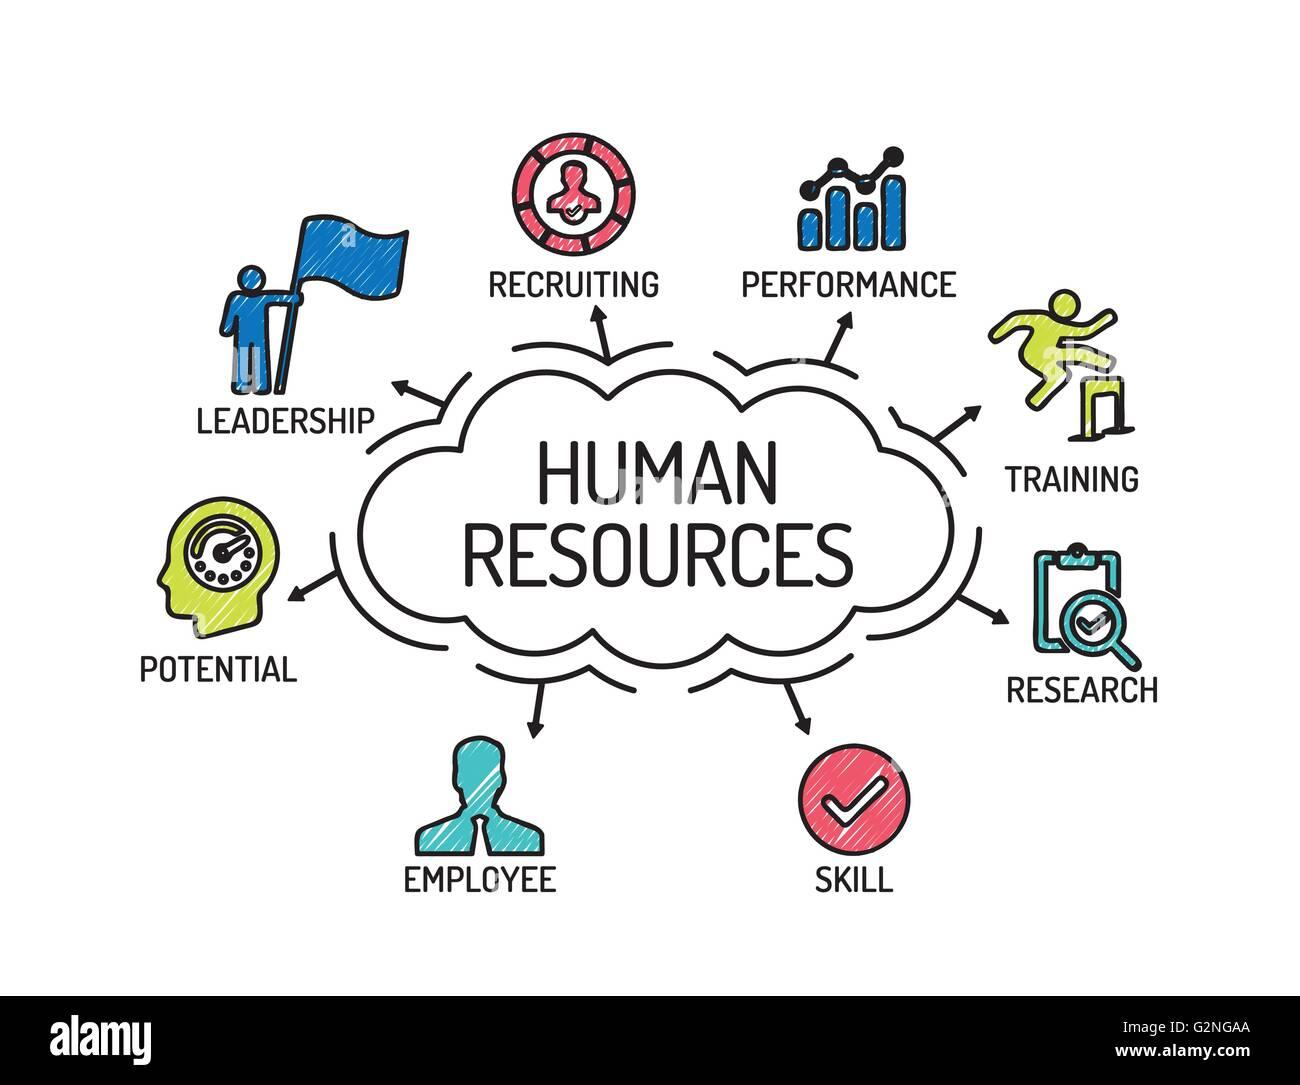 Los Recursos Humanos Grafico Con Iconos Y Palabras Clave